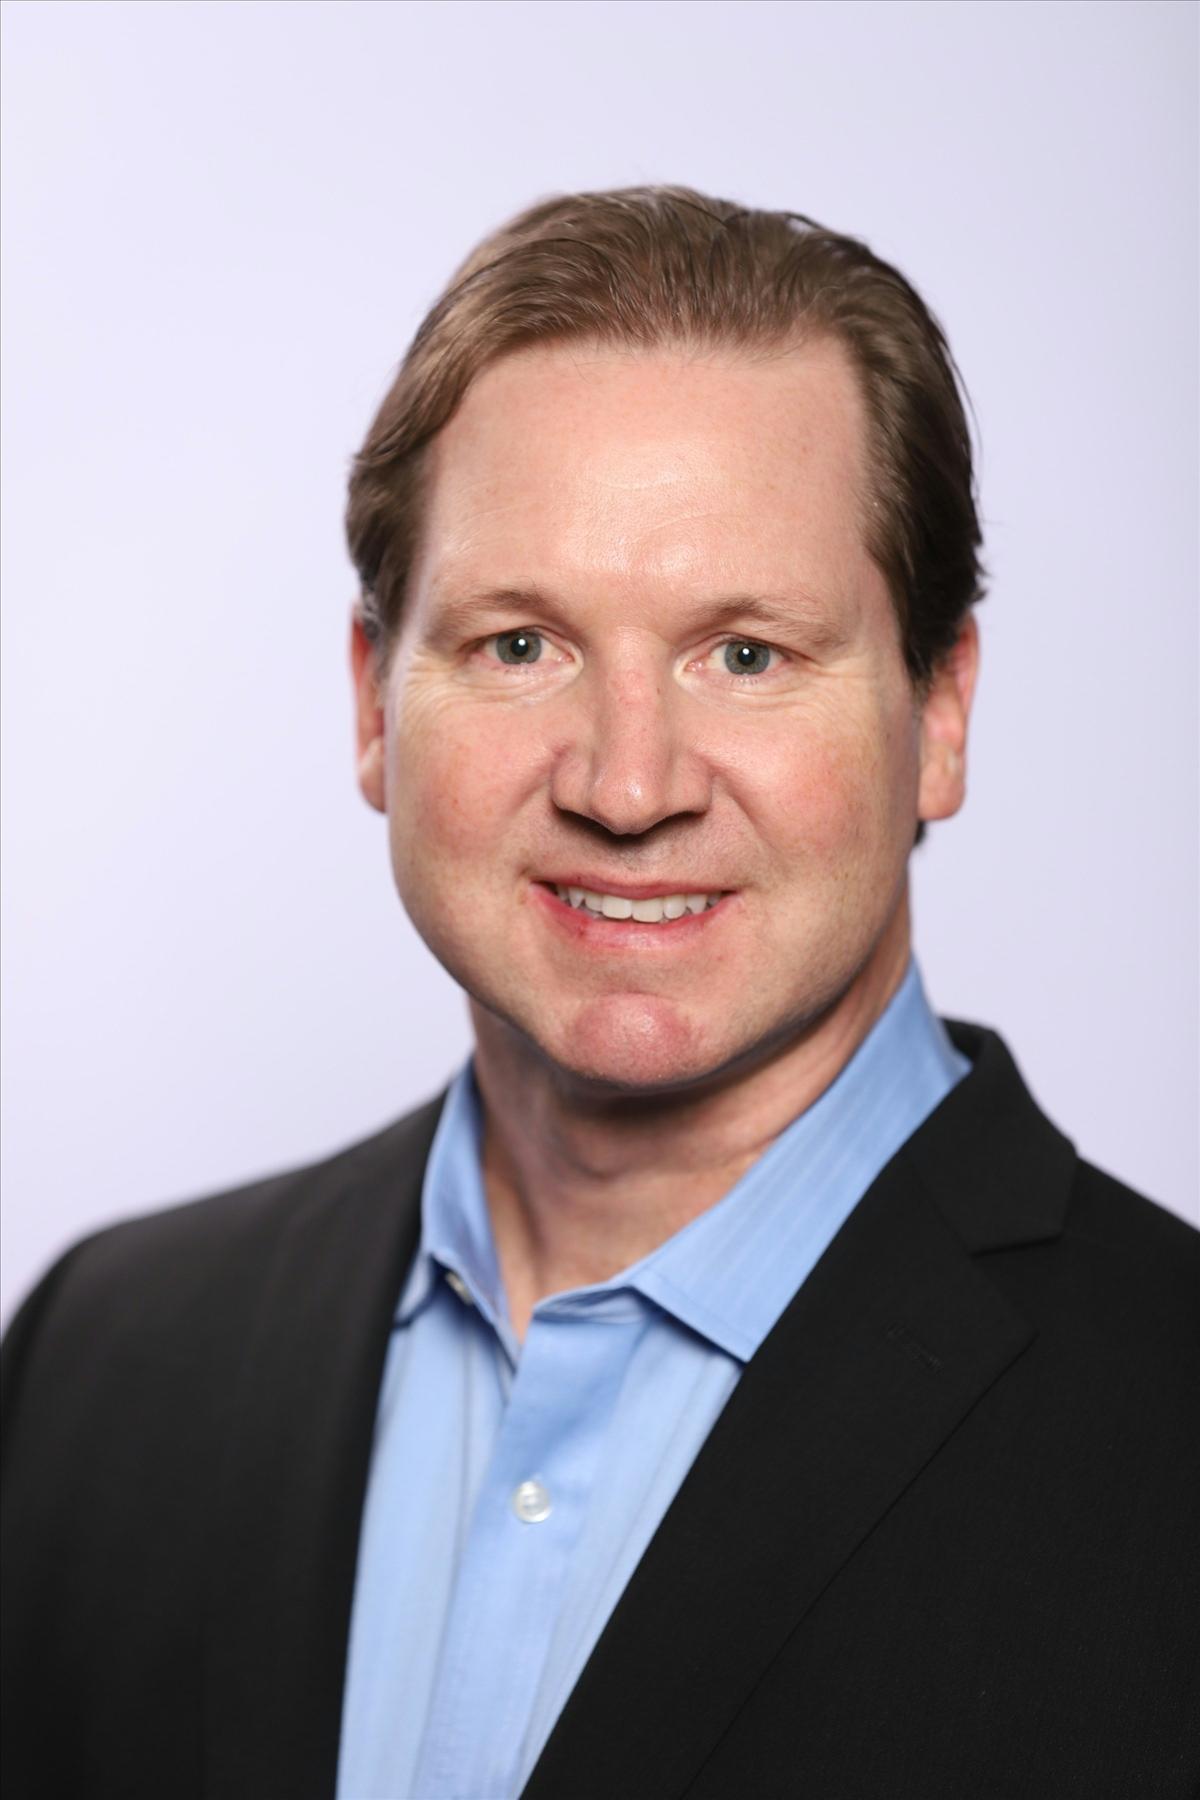 Michael Haugh